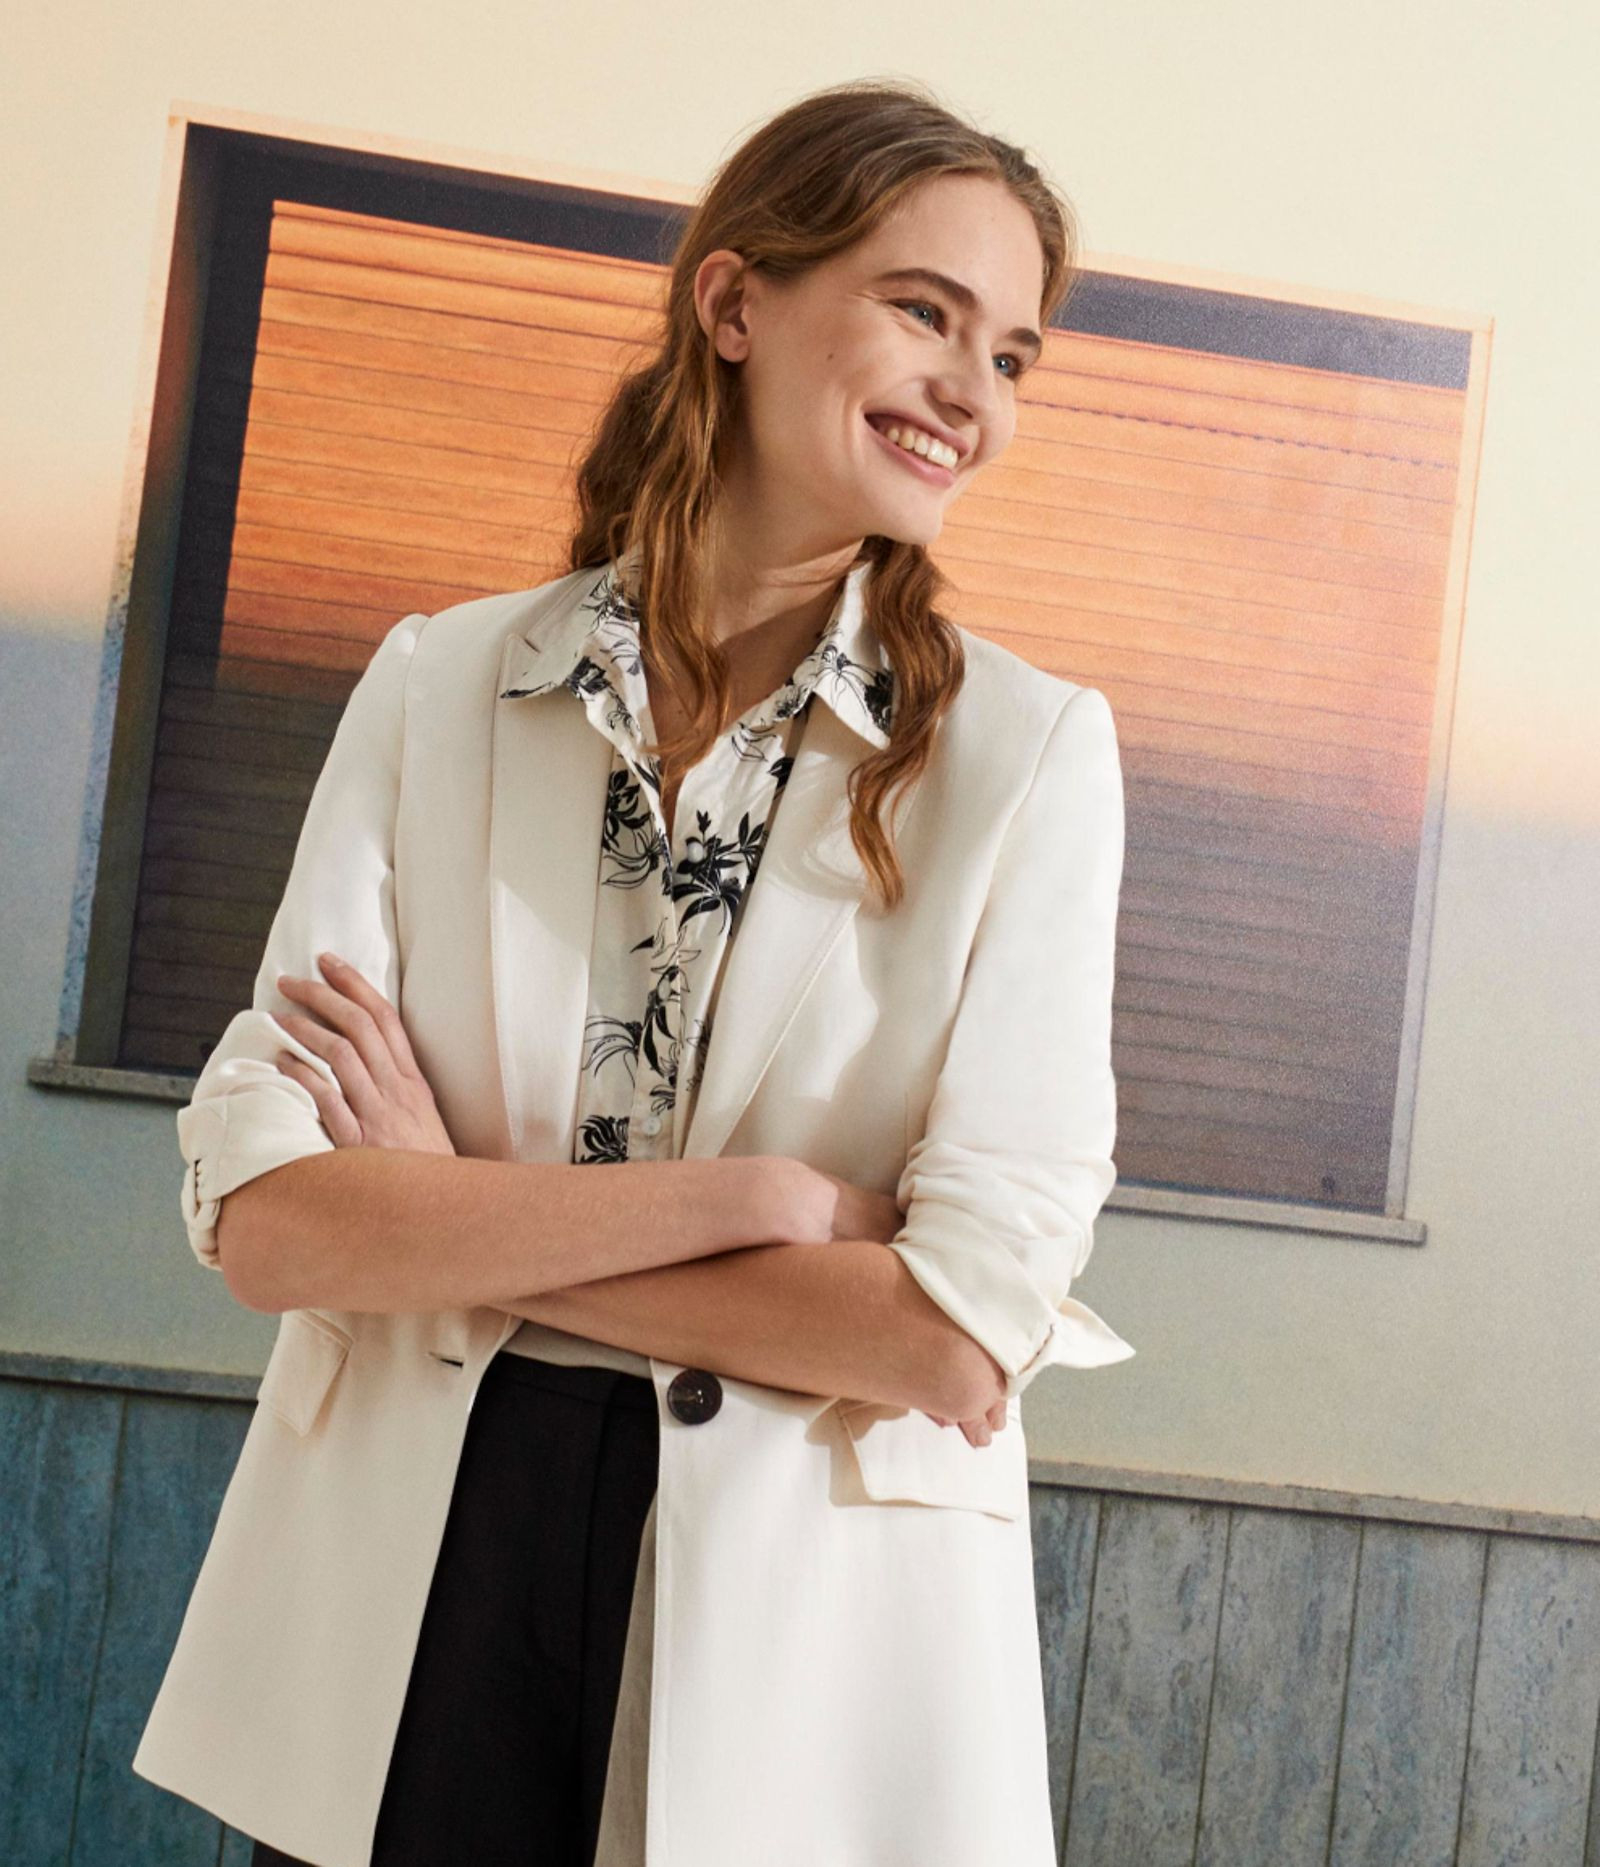 Esprit Mode Für Damen, Herren & Kinder Im Online-Shop | Esprit